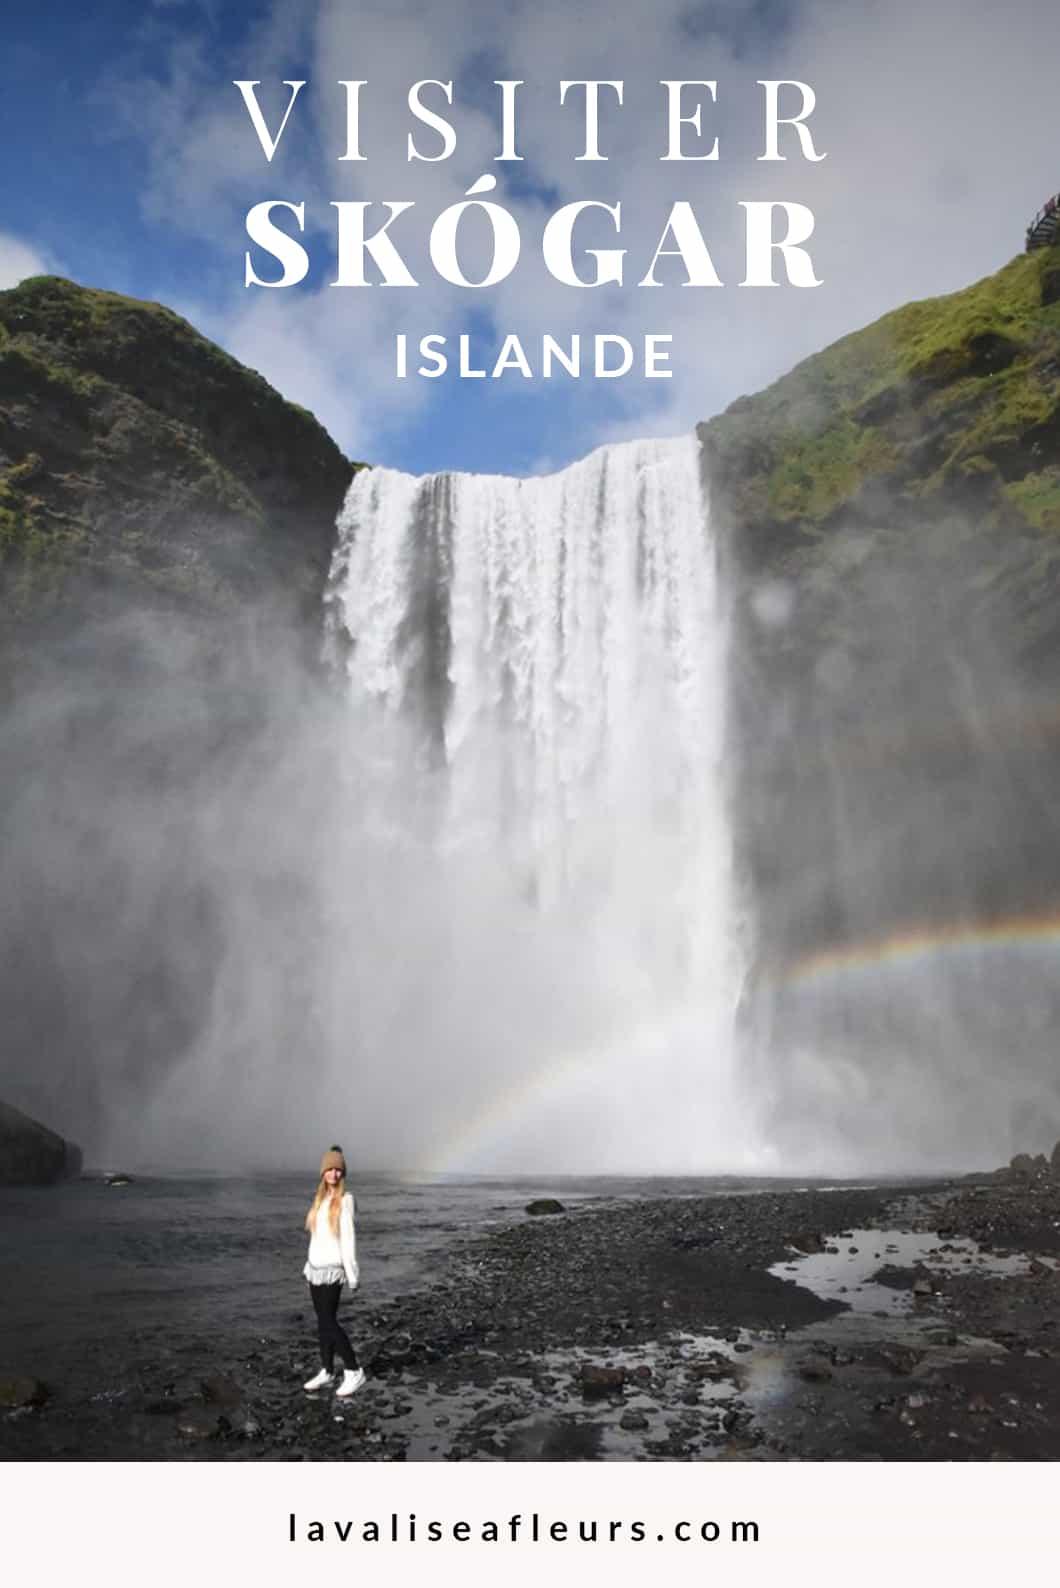 Visiter Skogar en Islande